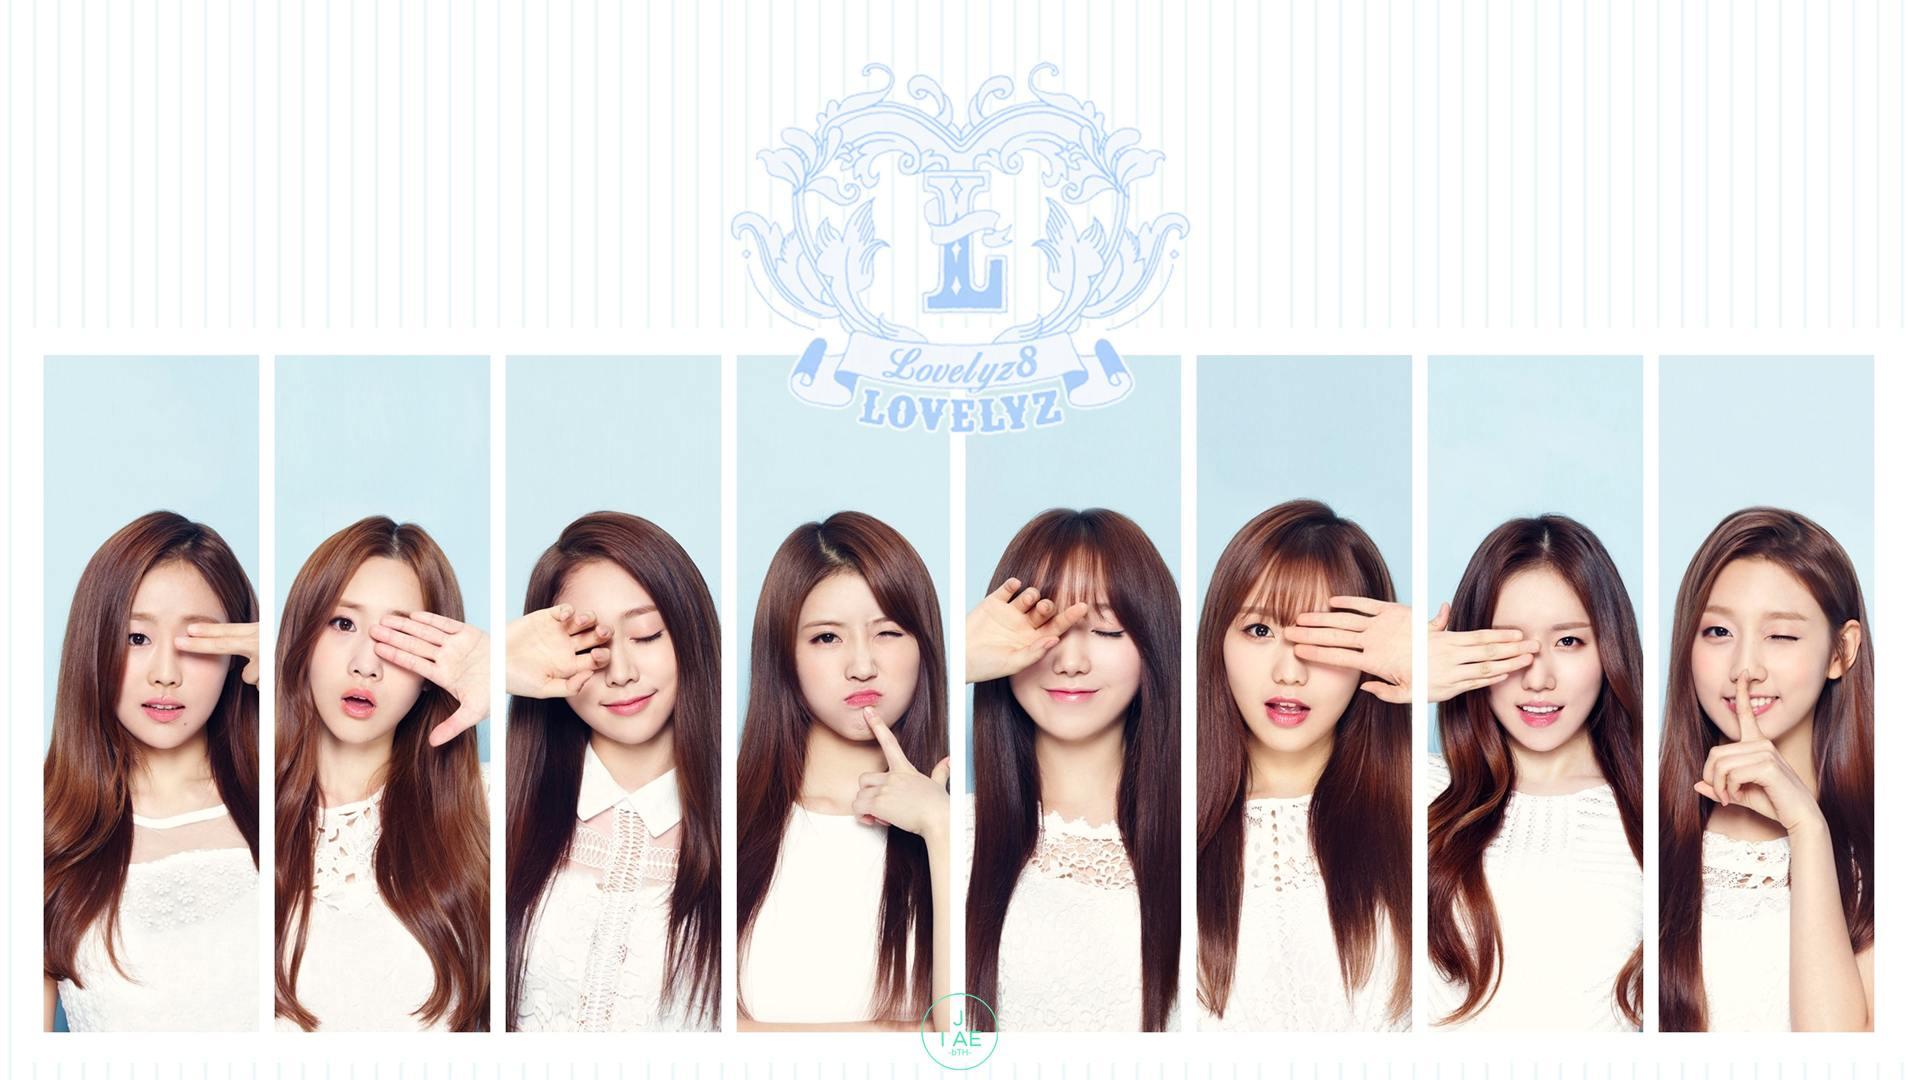 LOVELYZ JEONG YEIN Official Photocard LOVELYZ8 1st Album Ah